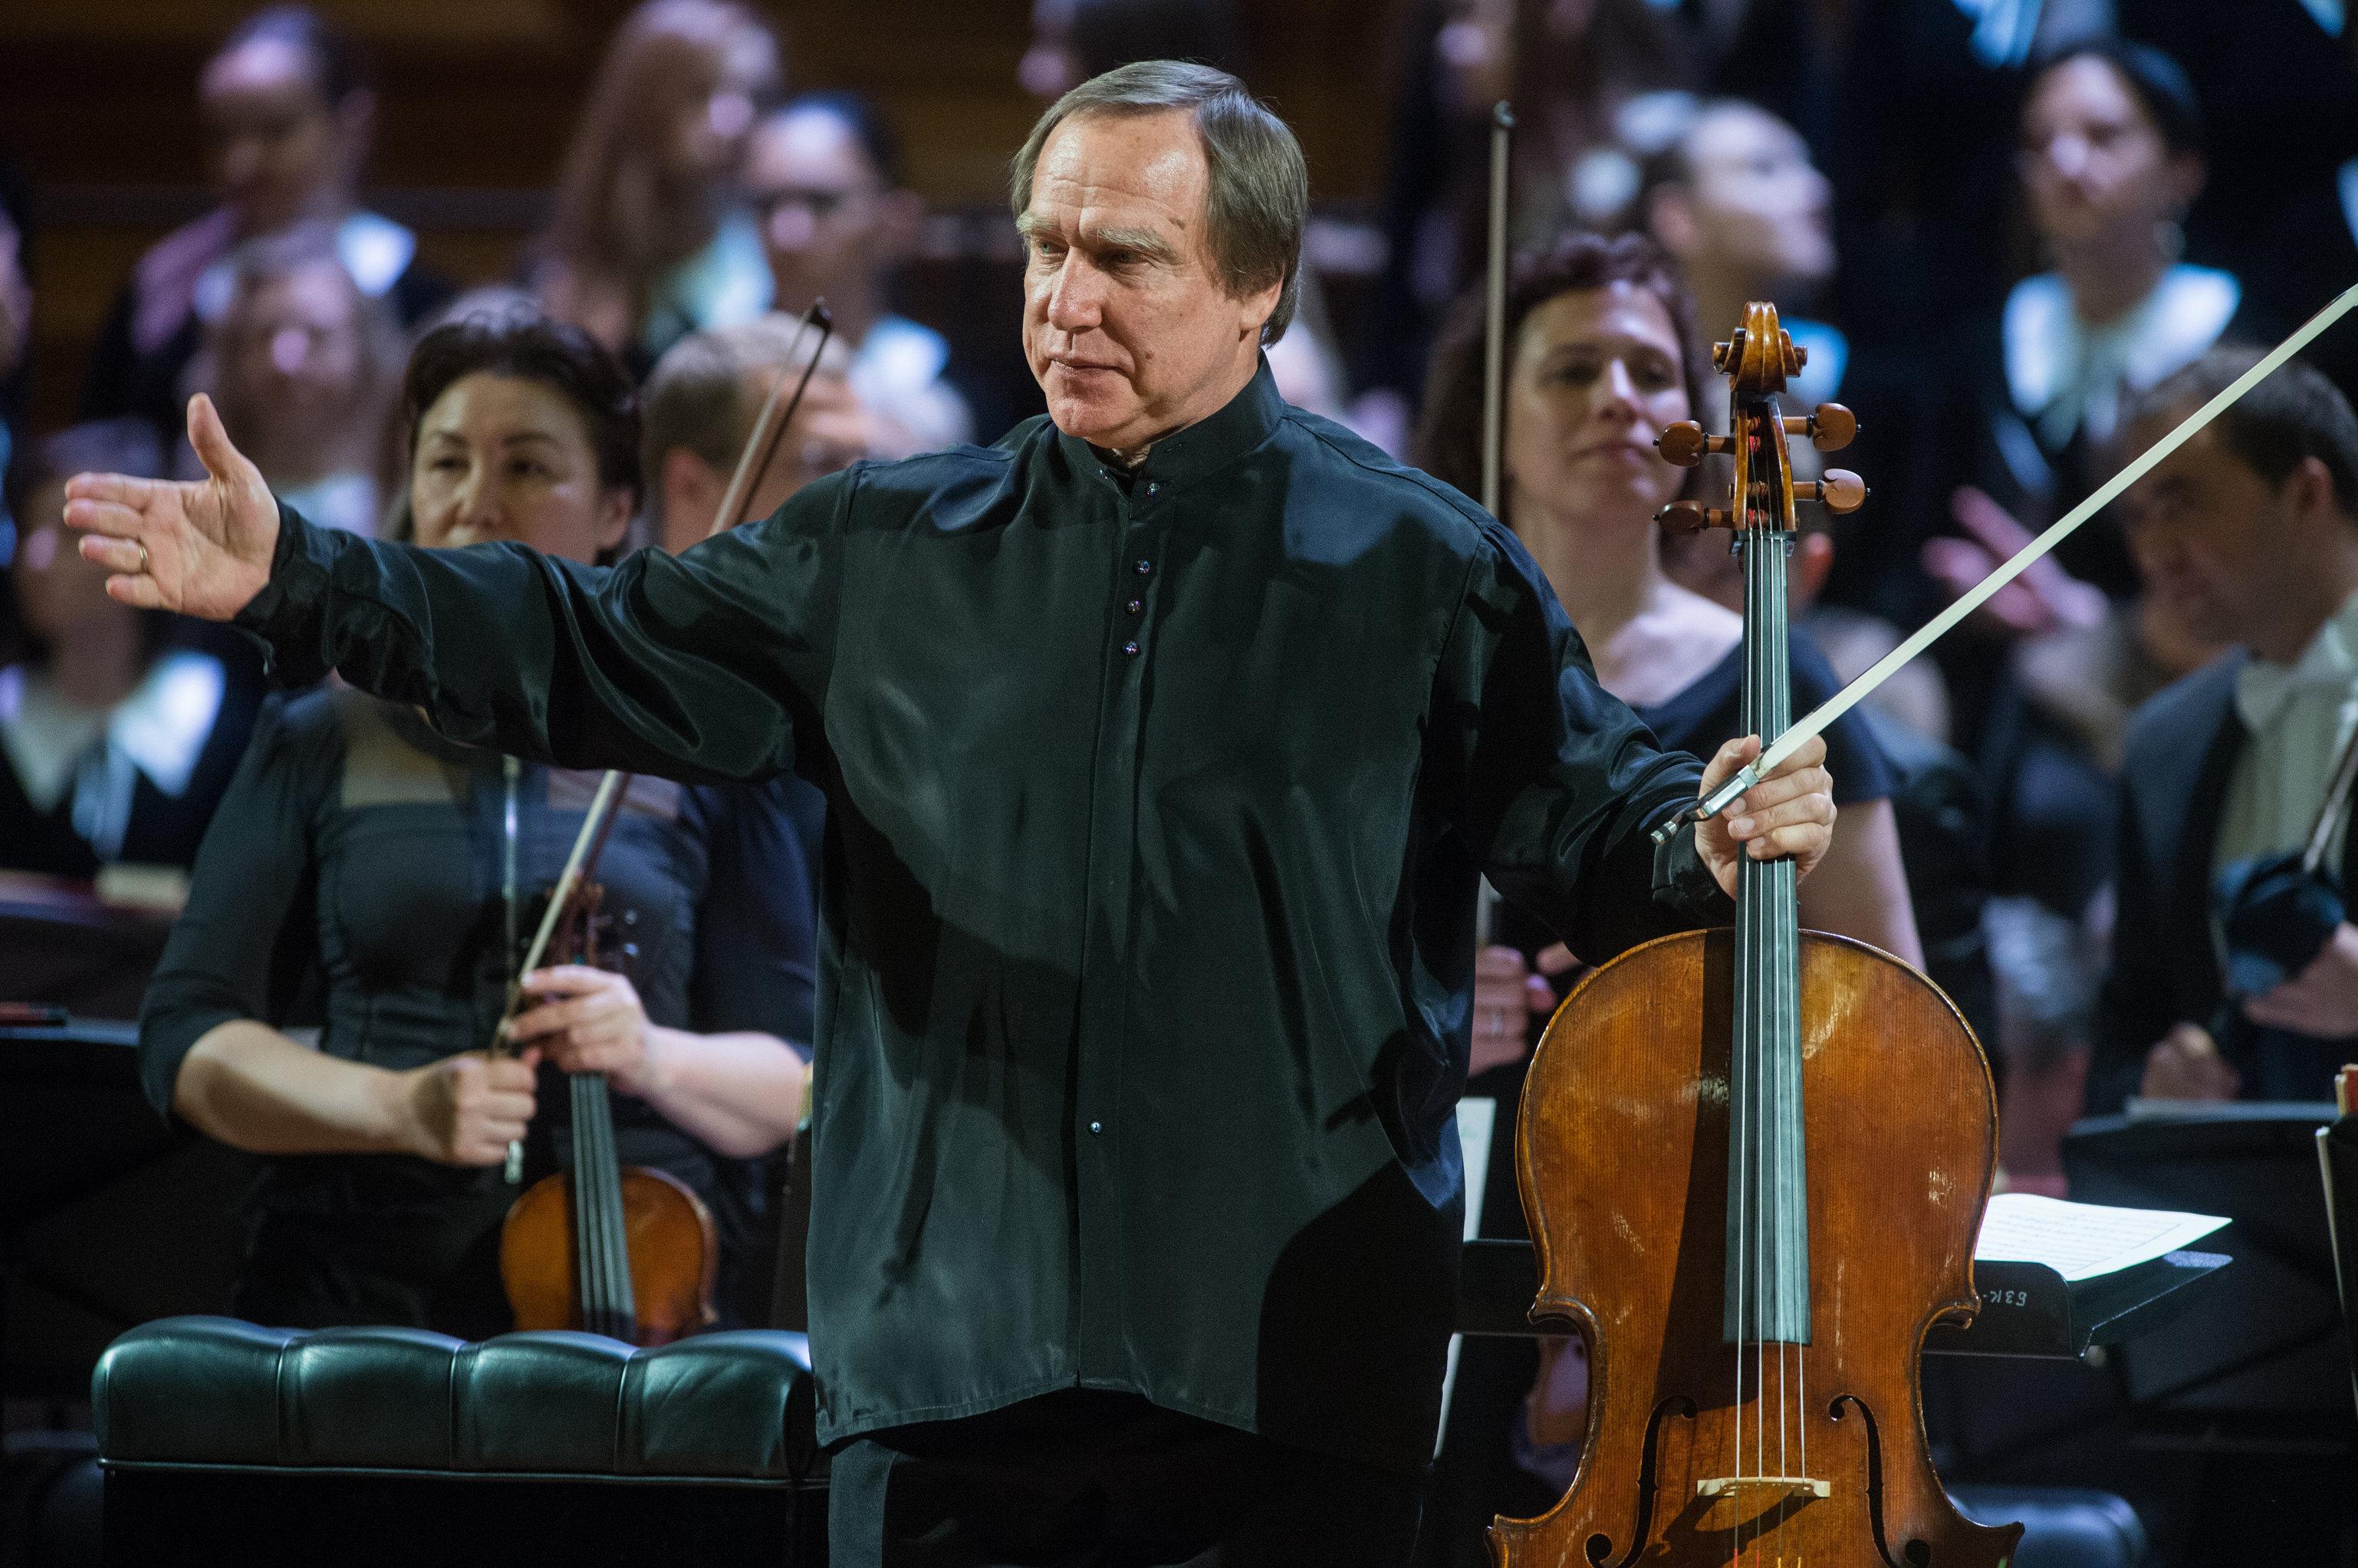 Músico russo Sergei Roldugin depois do concerto em São Petersburgo, Rússia, maio de 2016